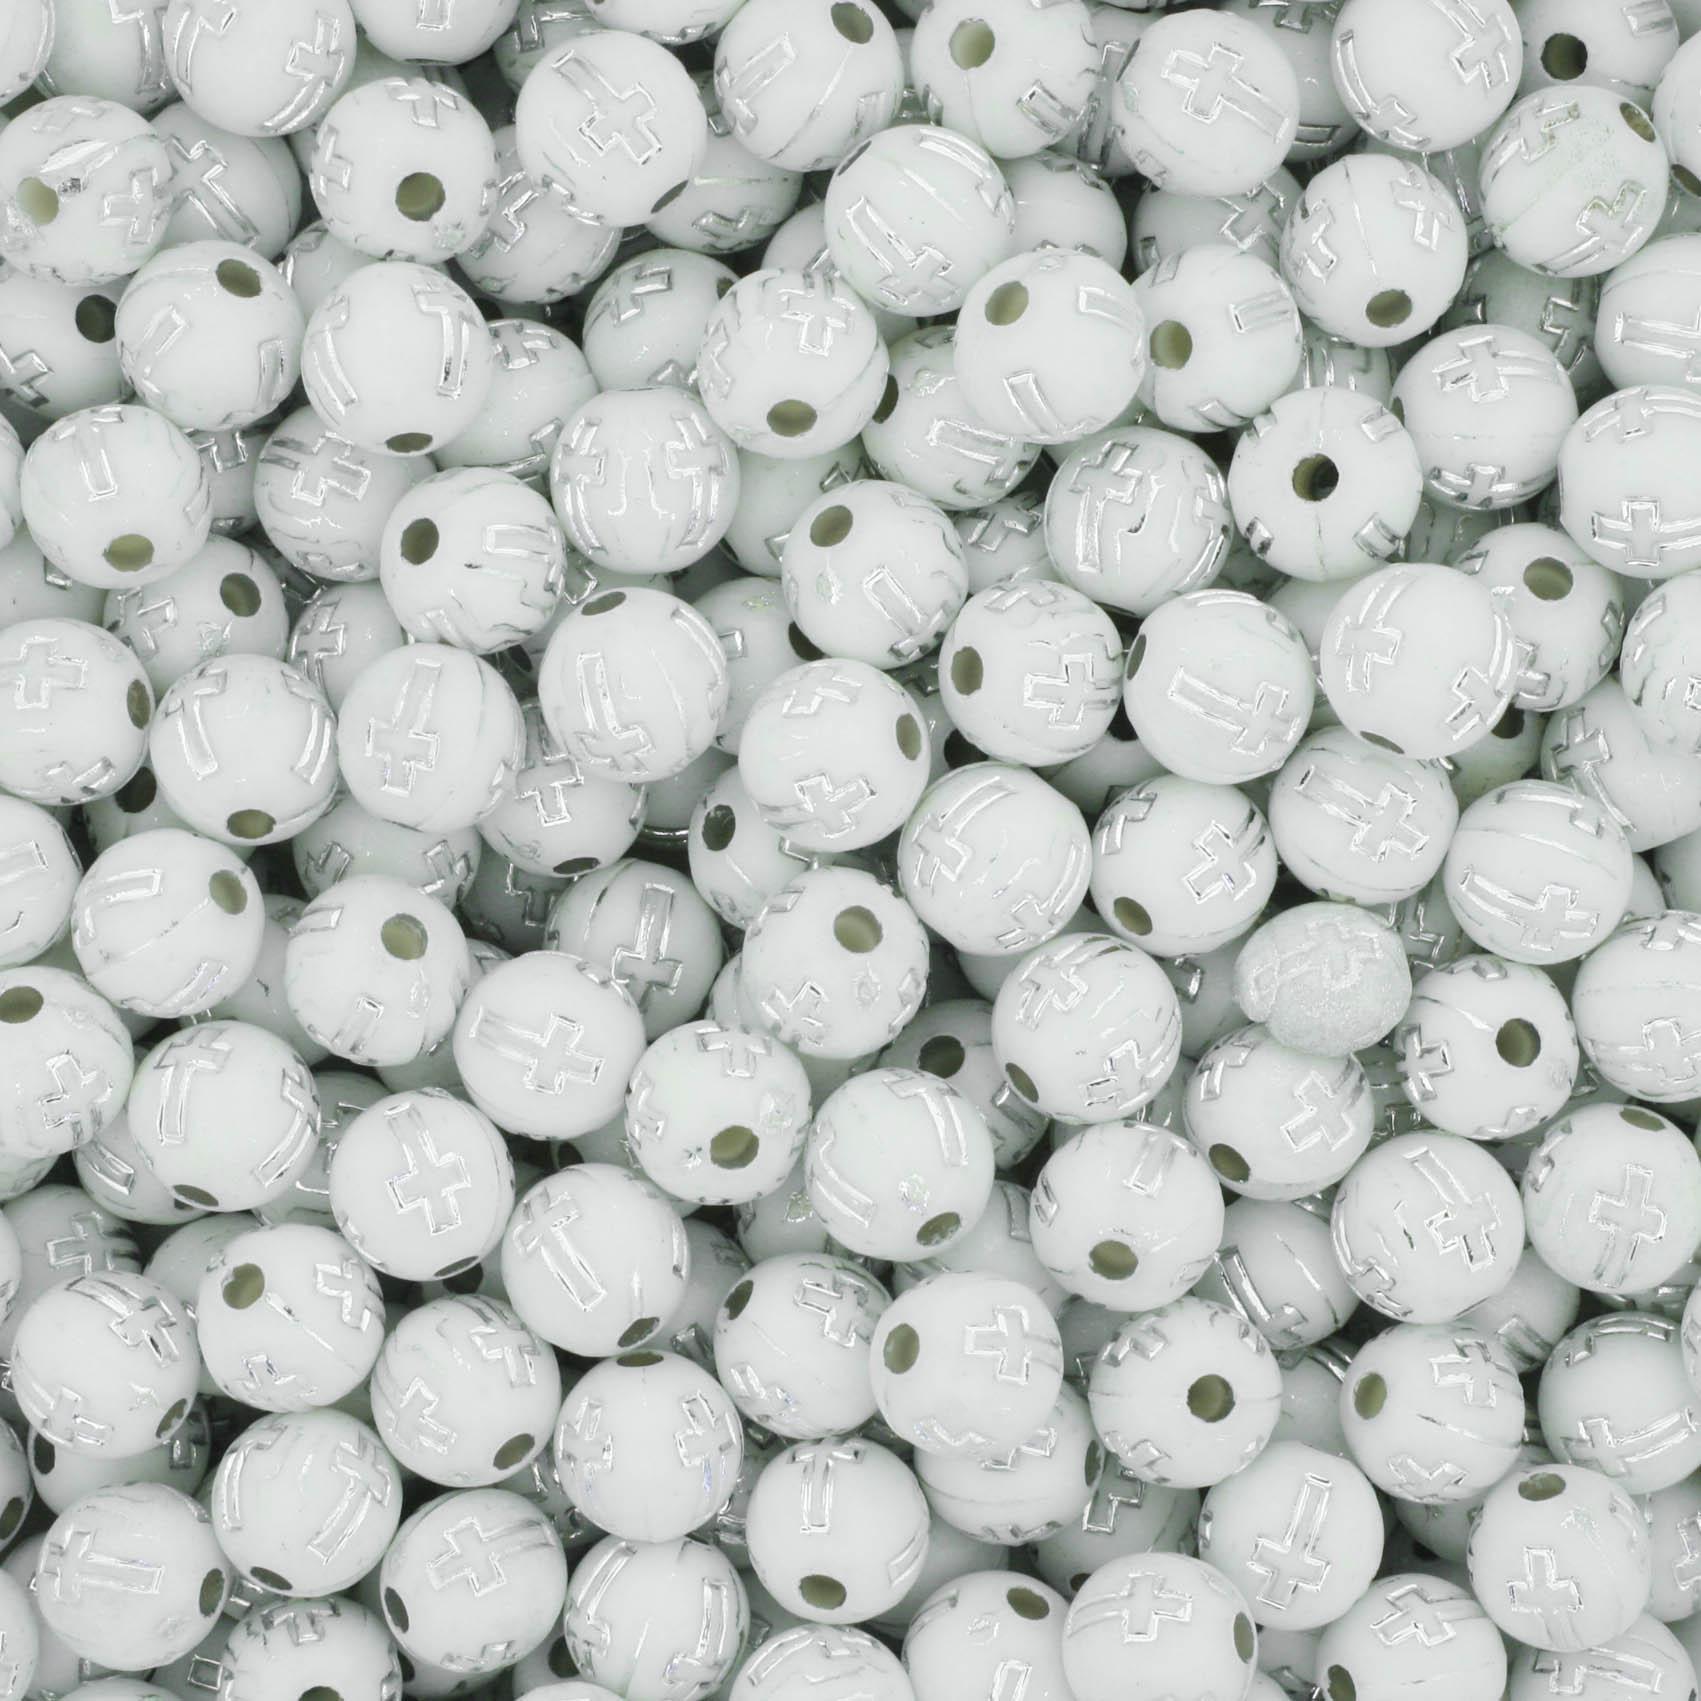 Miçanga - Cruz Branca e Níquel  - Stéphanie Bijoux® - Peças para Bijuterias e Artesanato